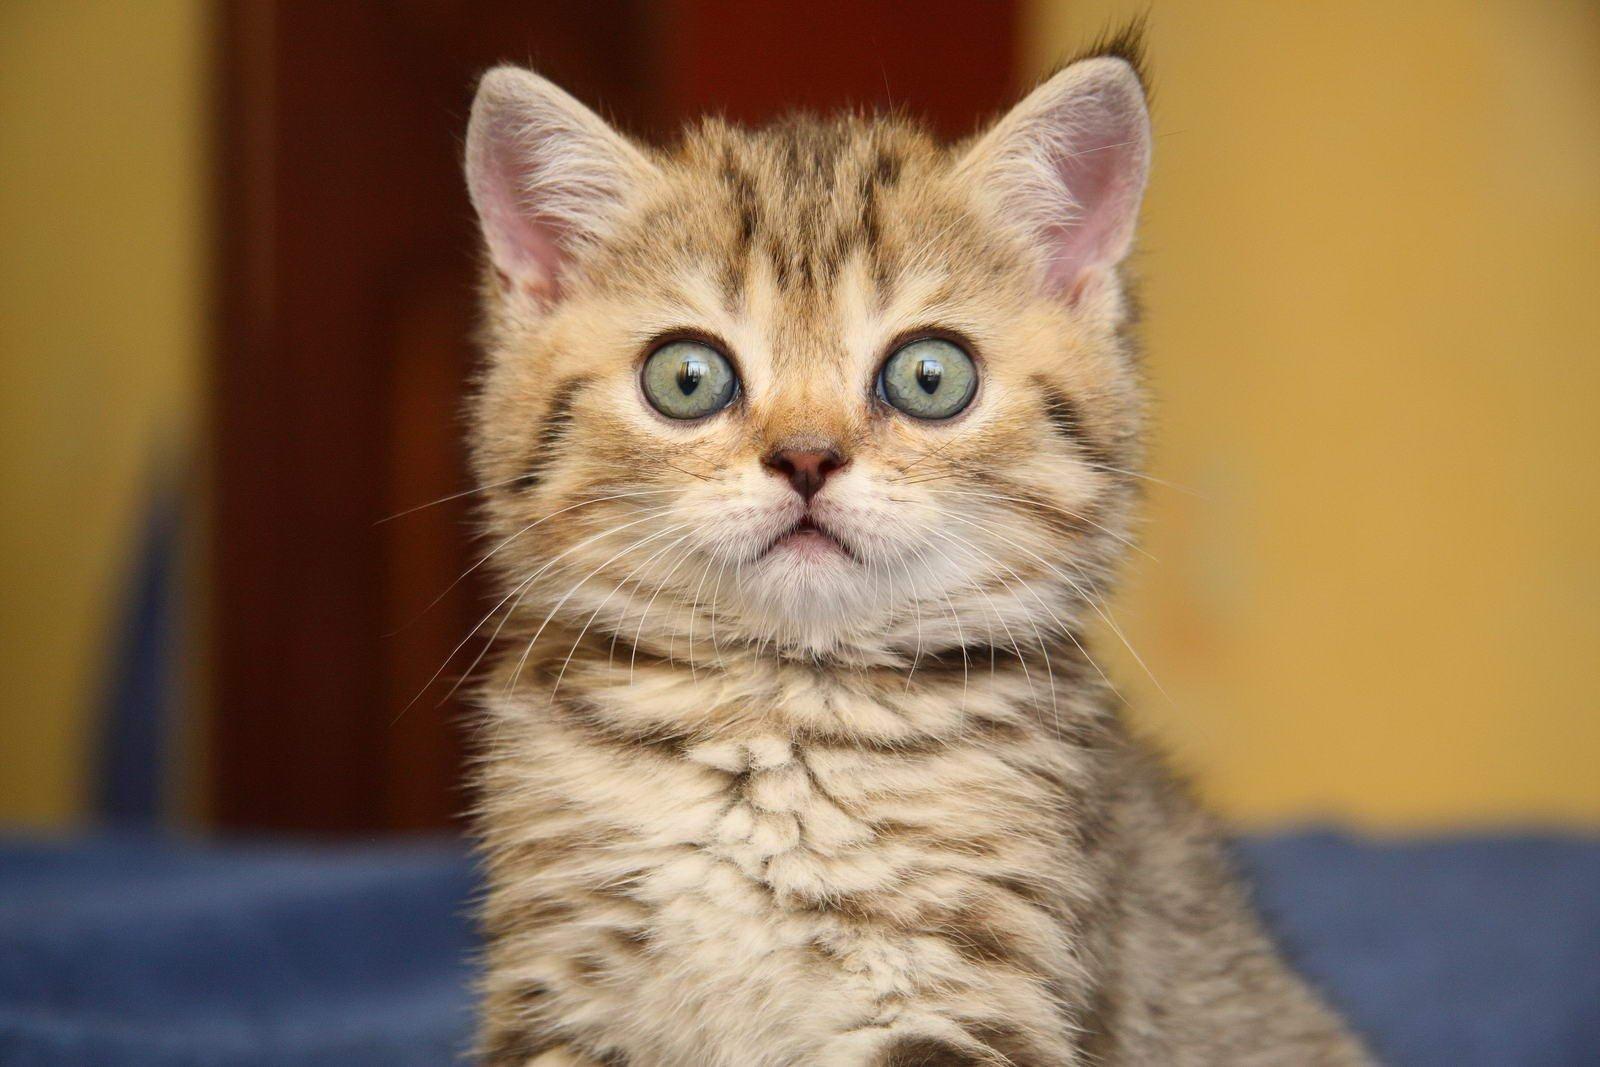 картинка непонимающего кота этих целей